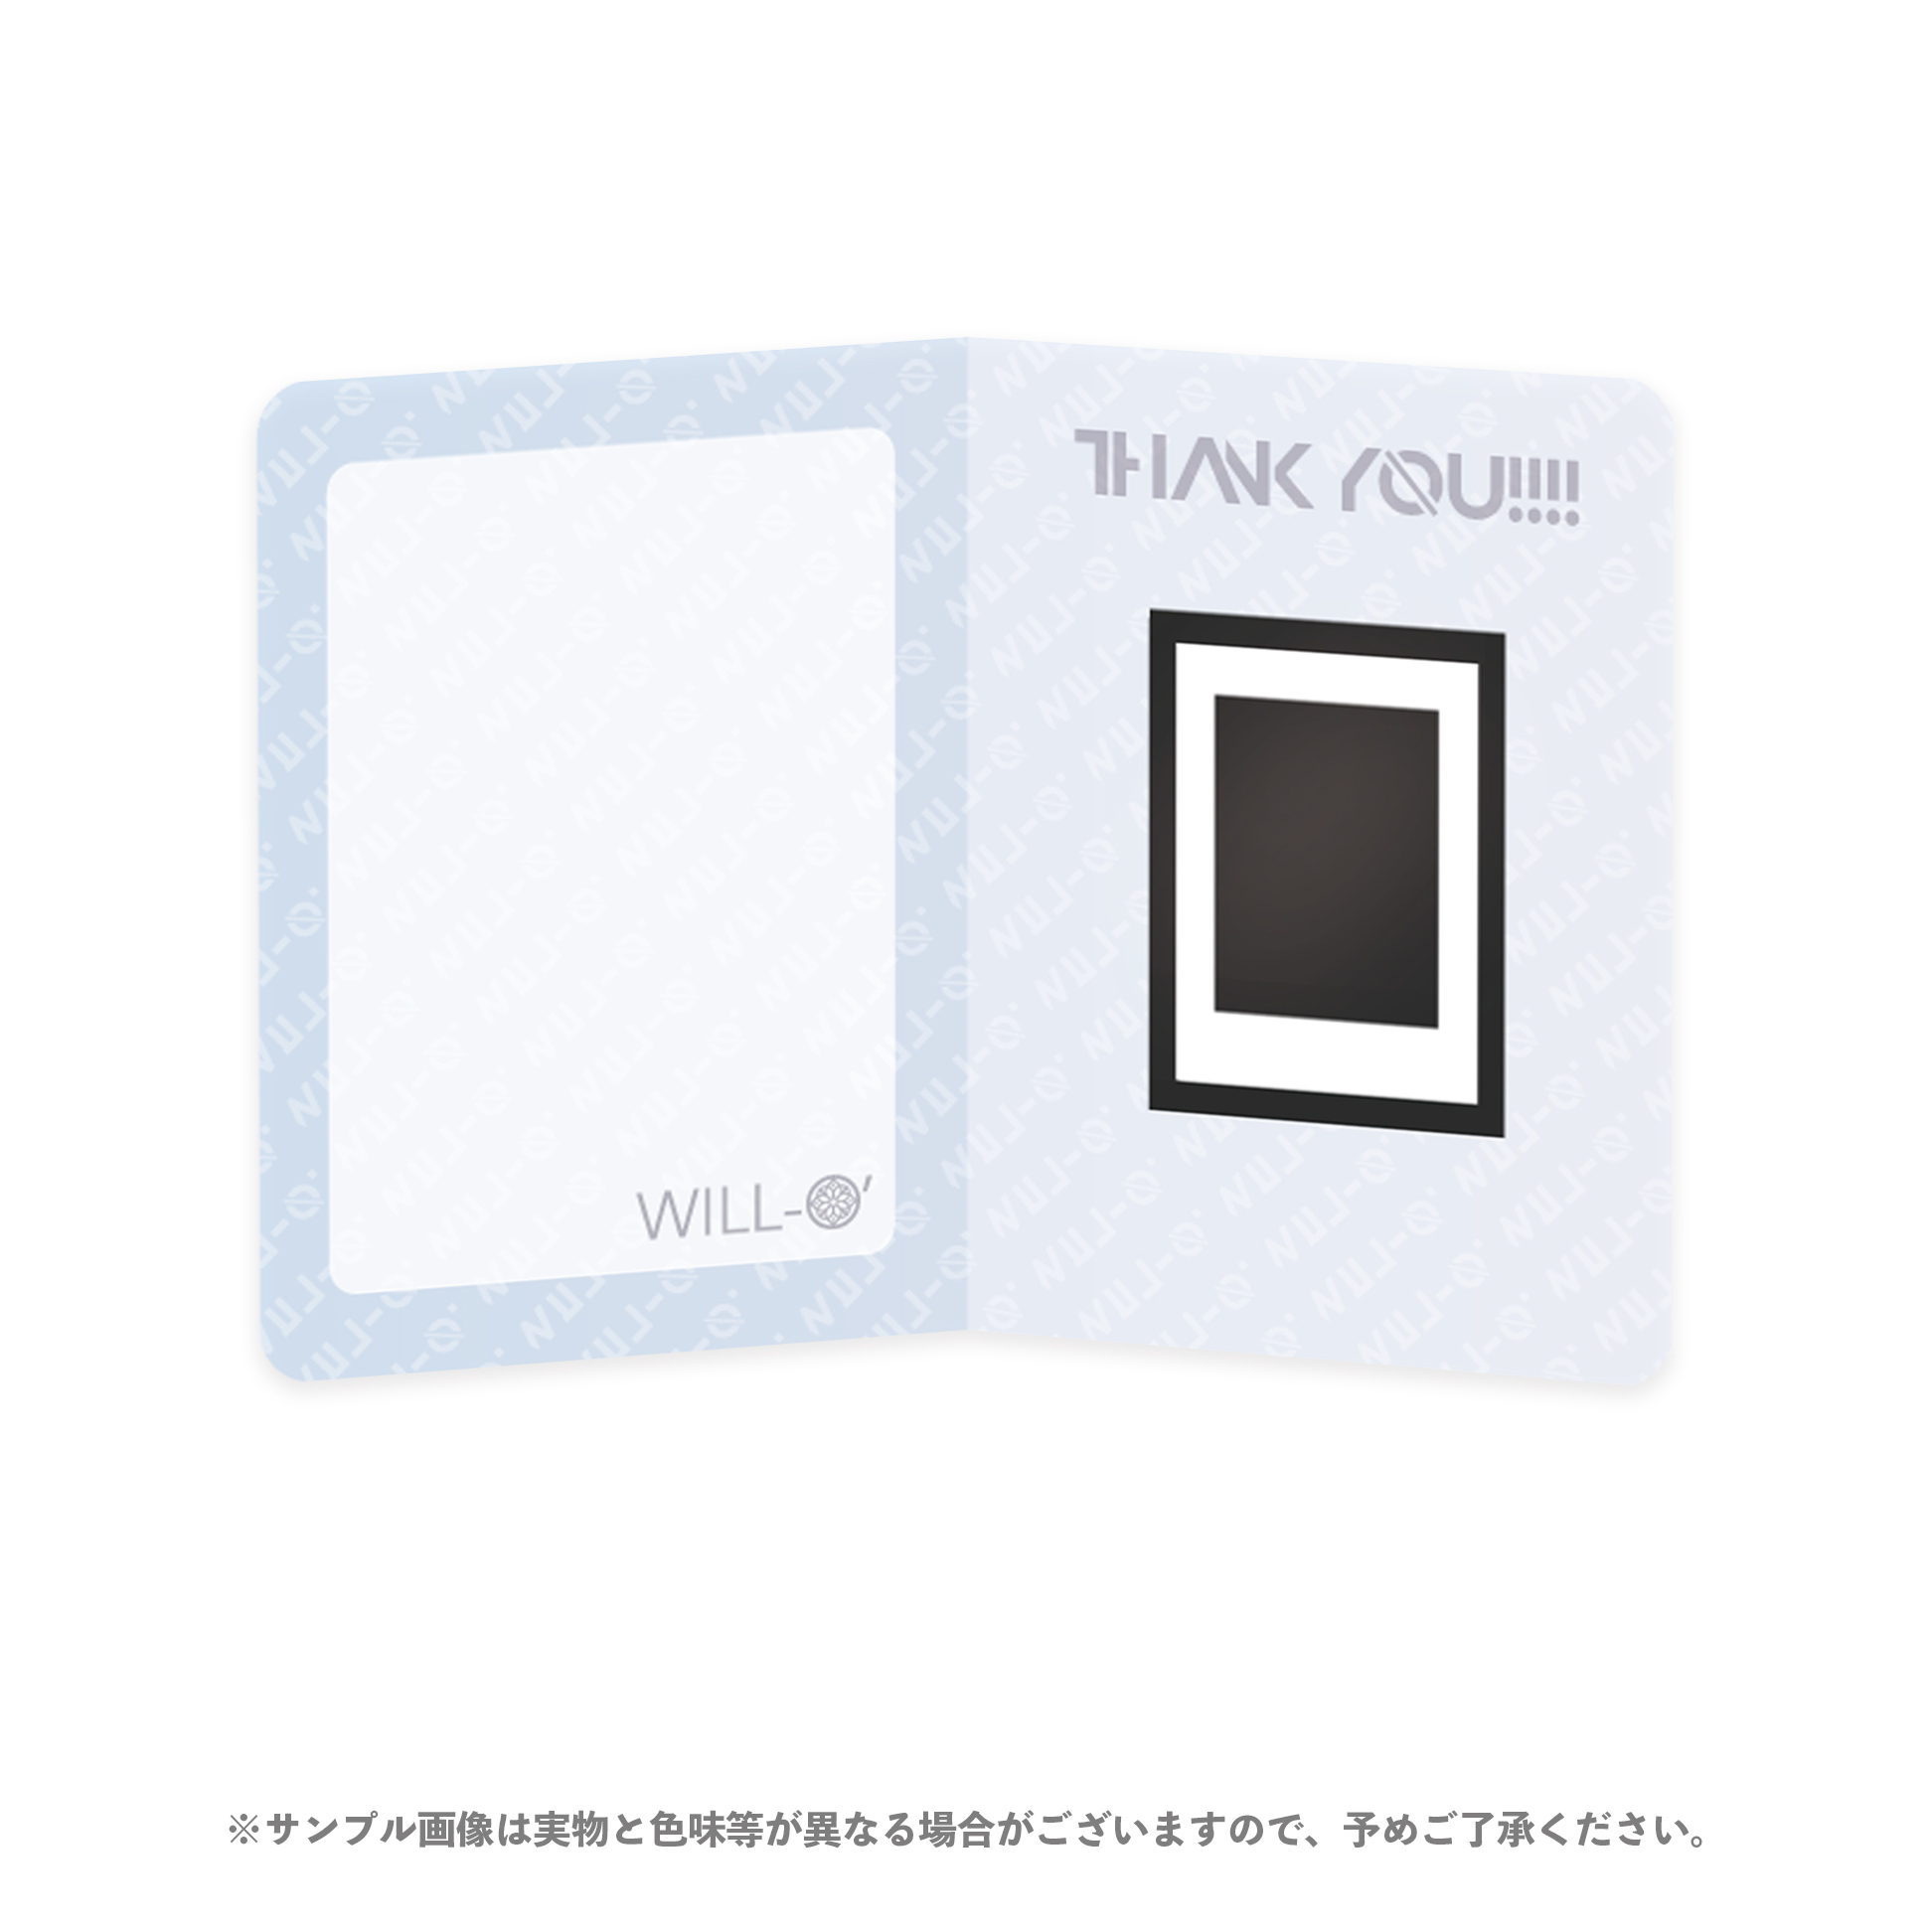 【佐伯つみき】FC限定/特製カードボードつきソロチェキ(クリスマス)